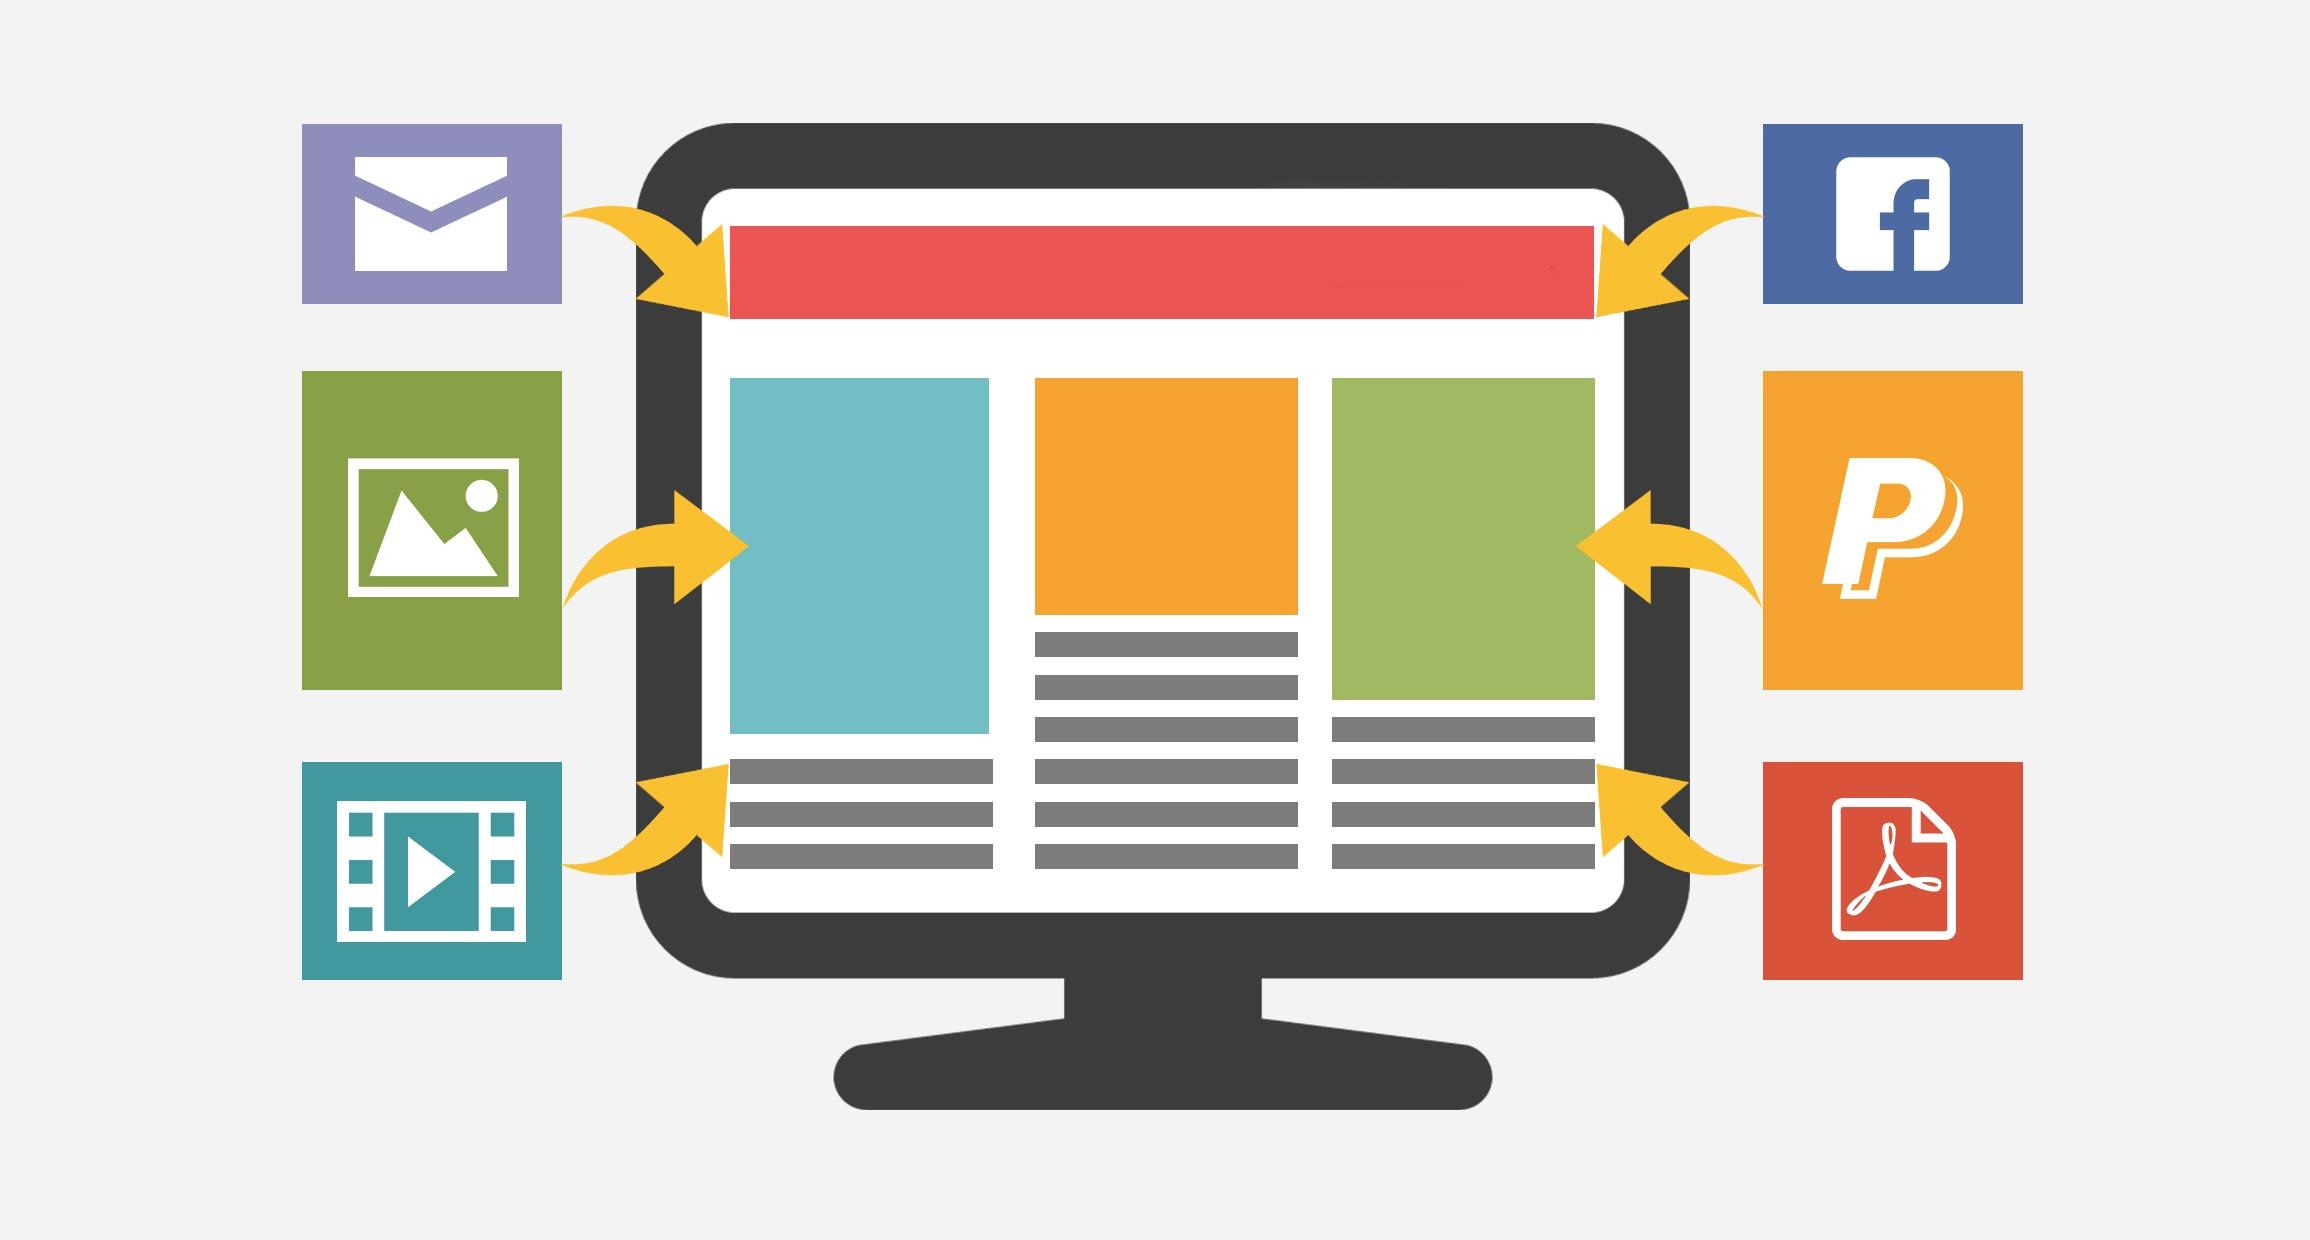 網頁設計要做好哪些工作?